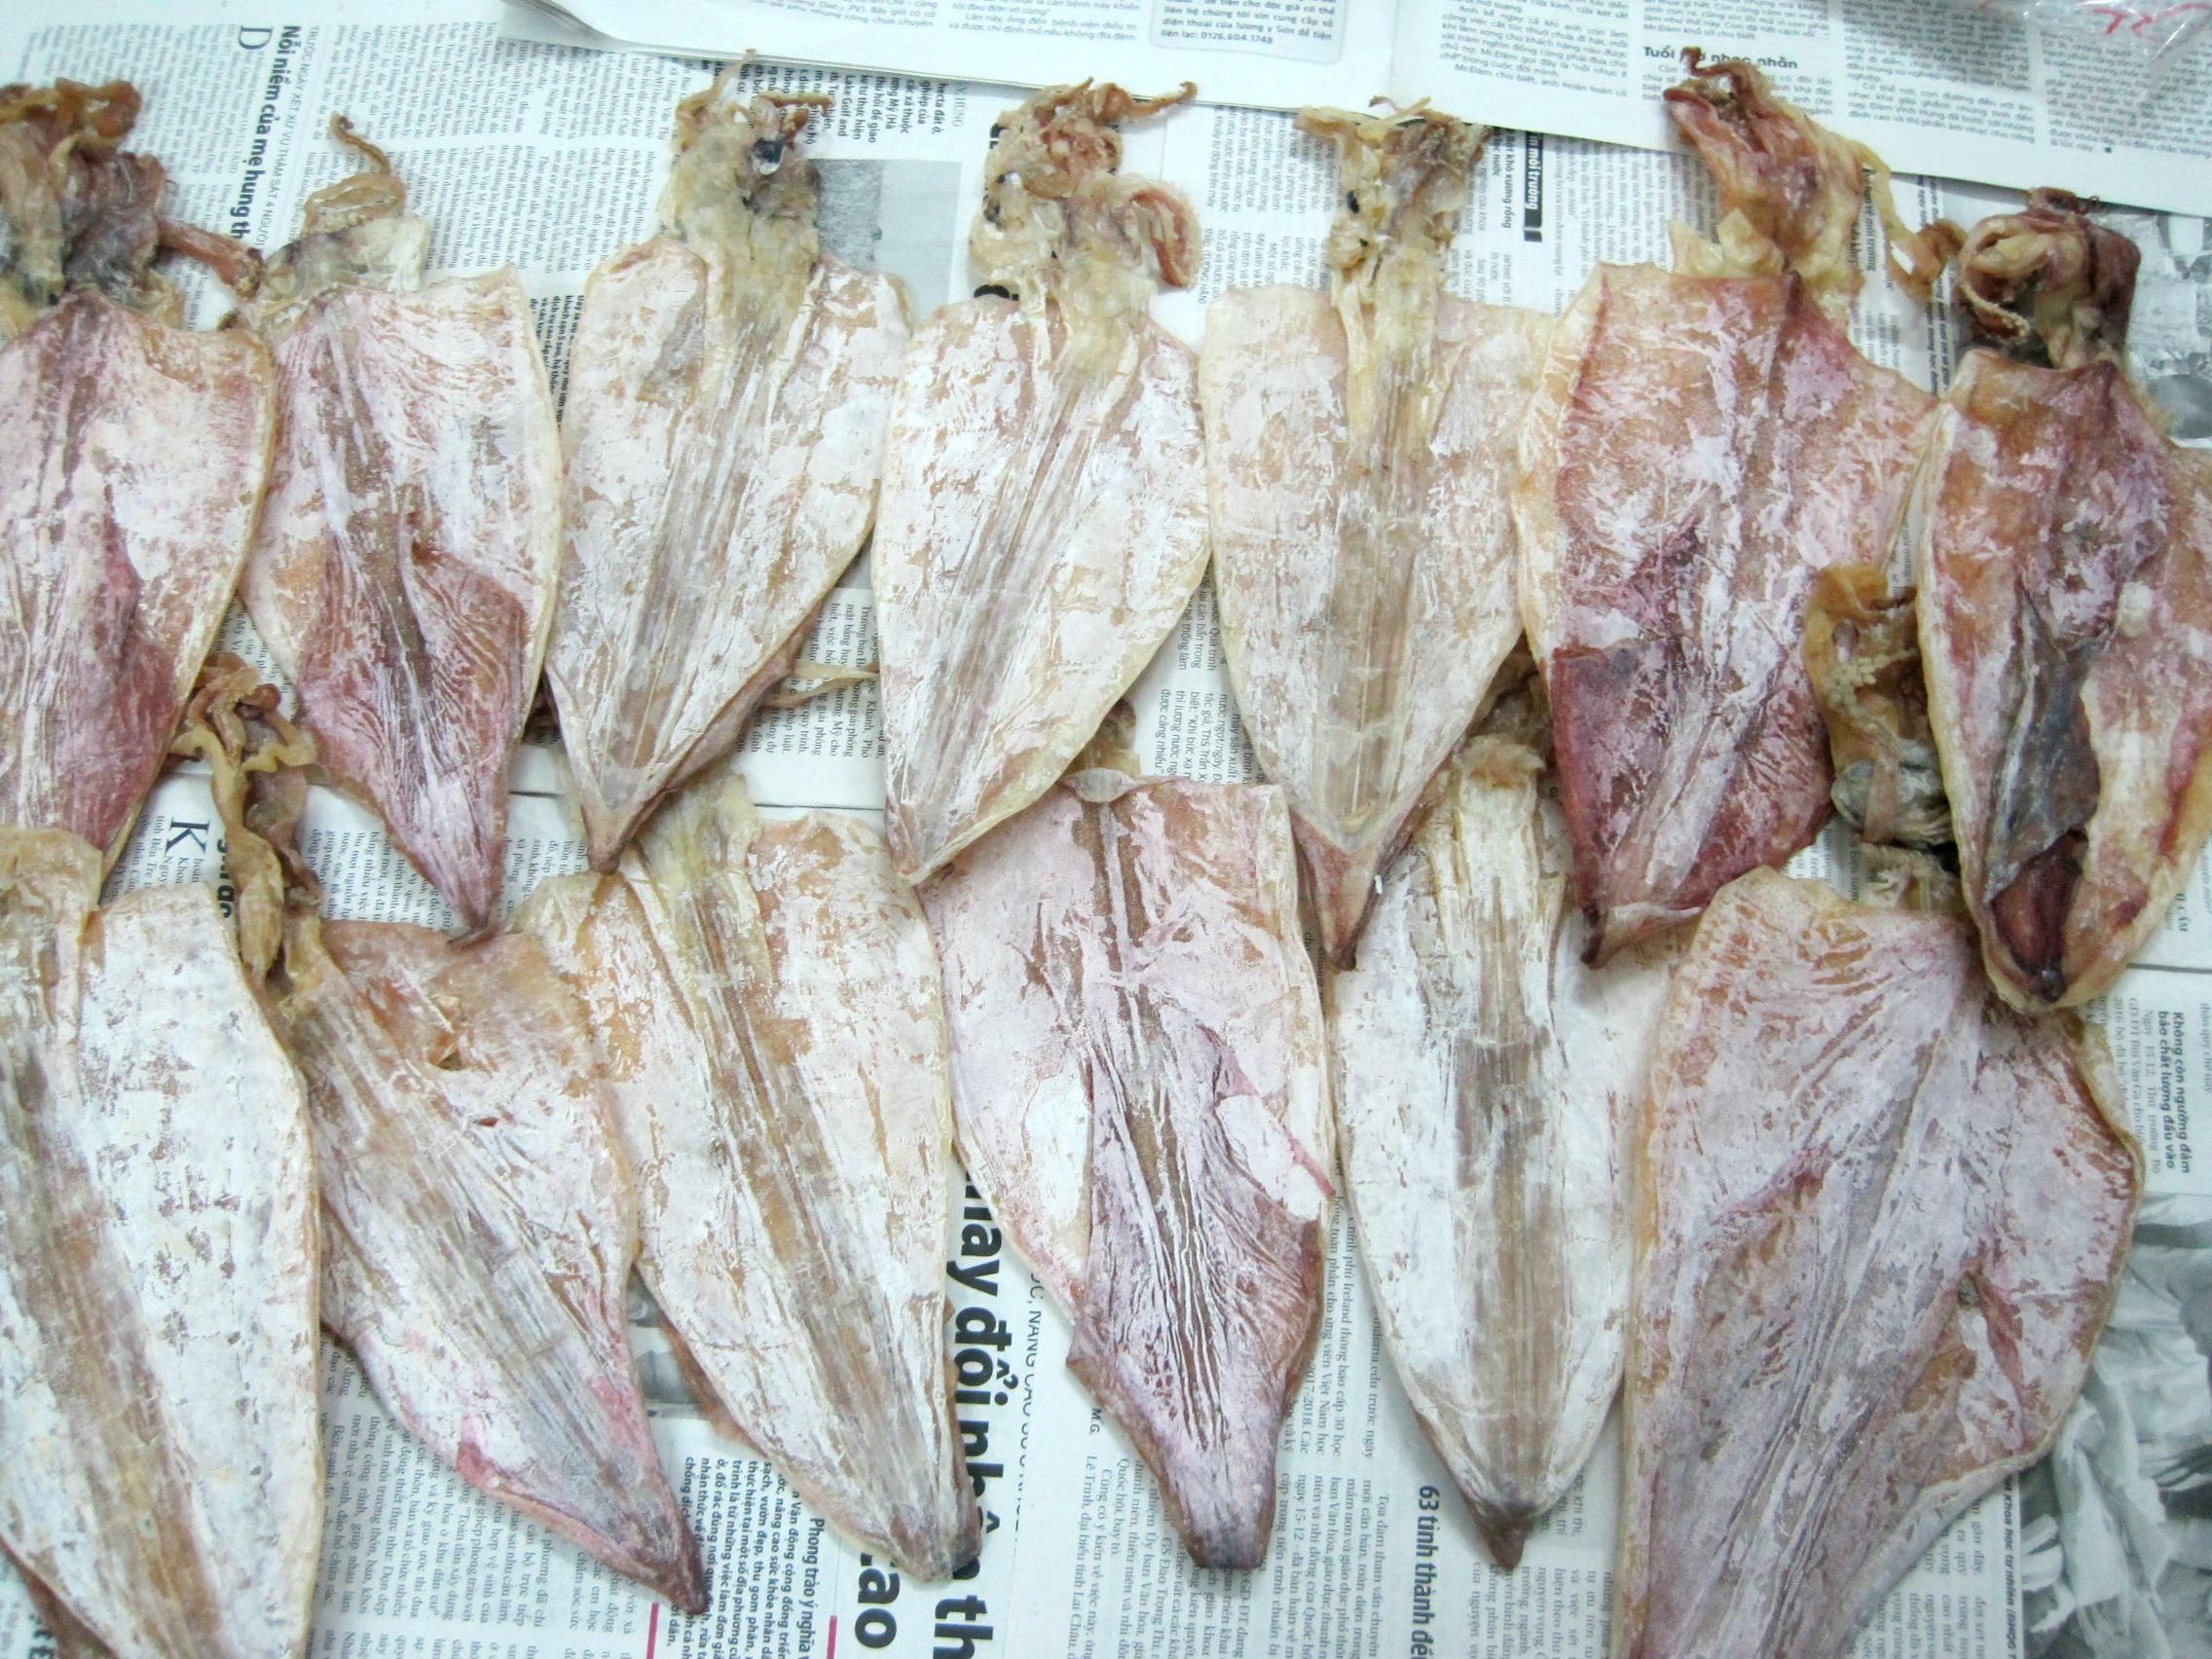 16 Mực khô Quảng Ninh loại đặc biệt, Trâu gác bếp đặc sản của Sơn La: cực ngon, giá siêu rẻ, chỉ bán lẻ